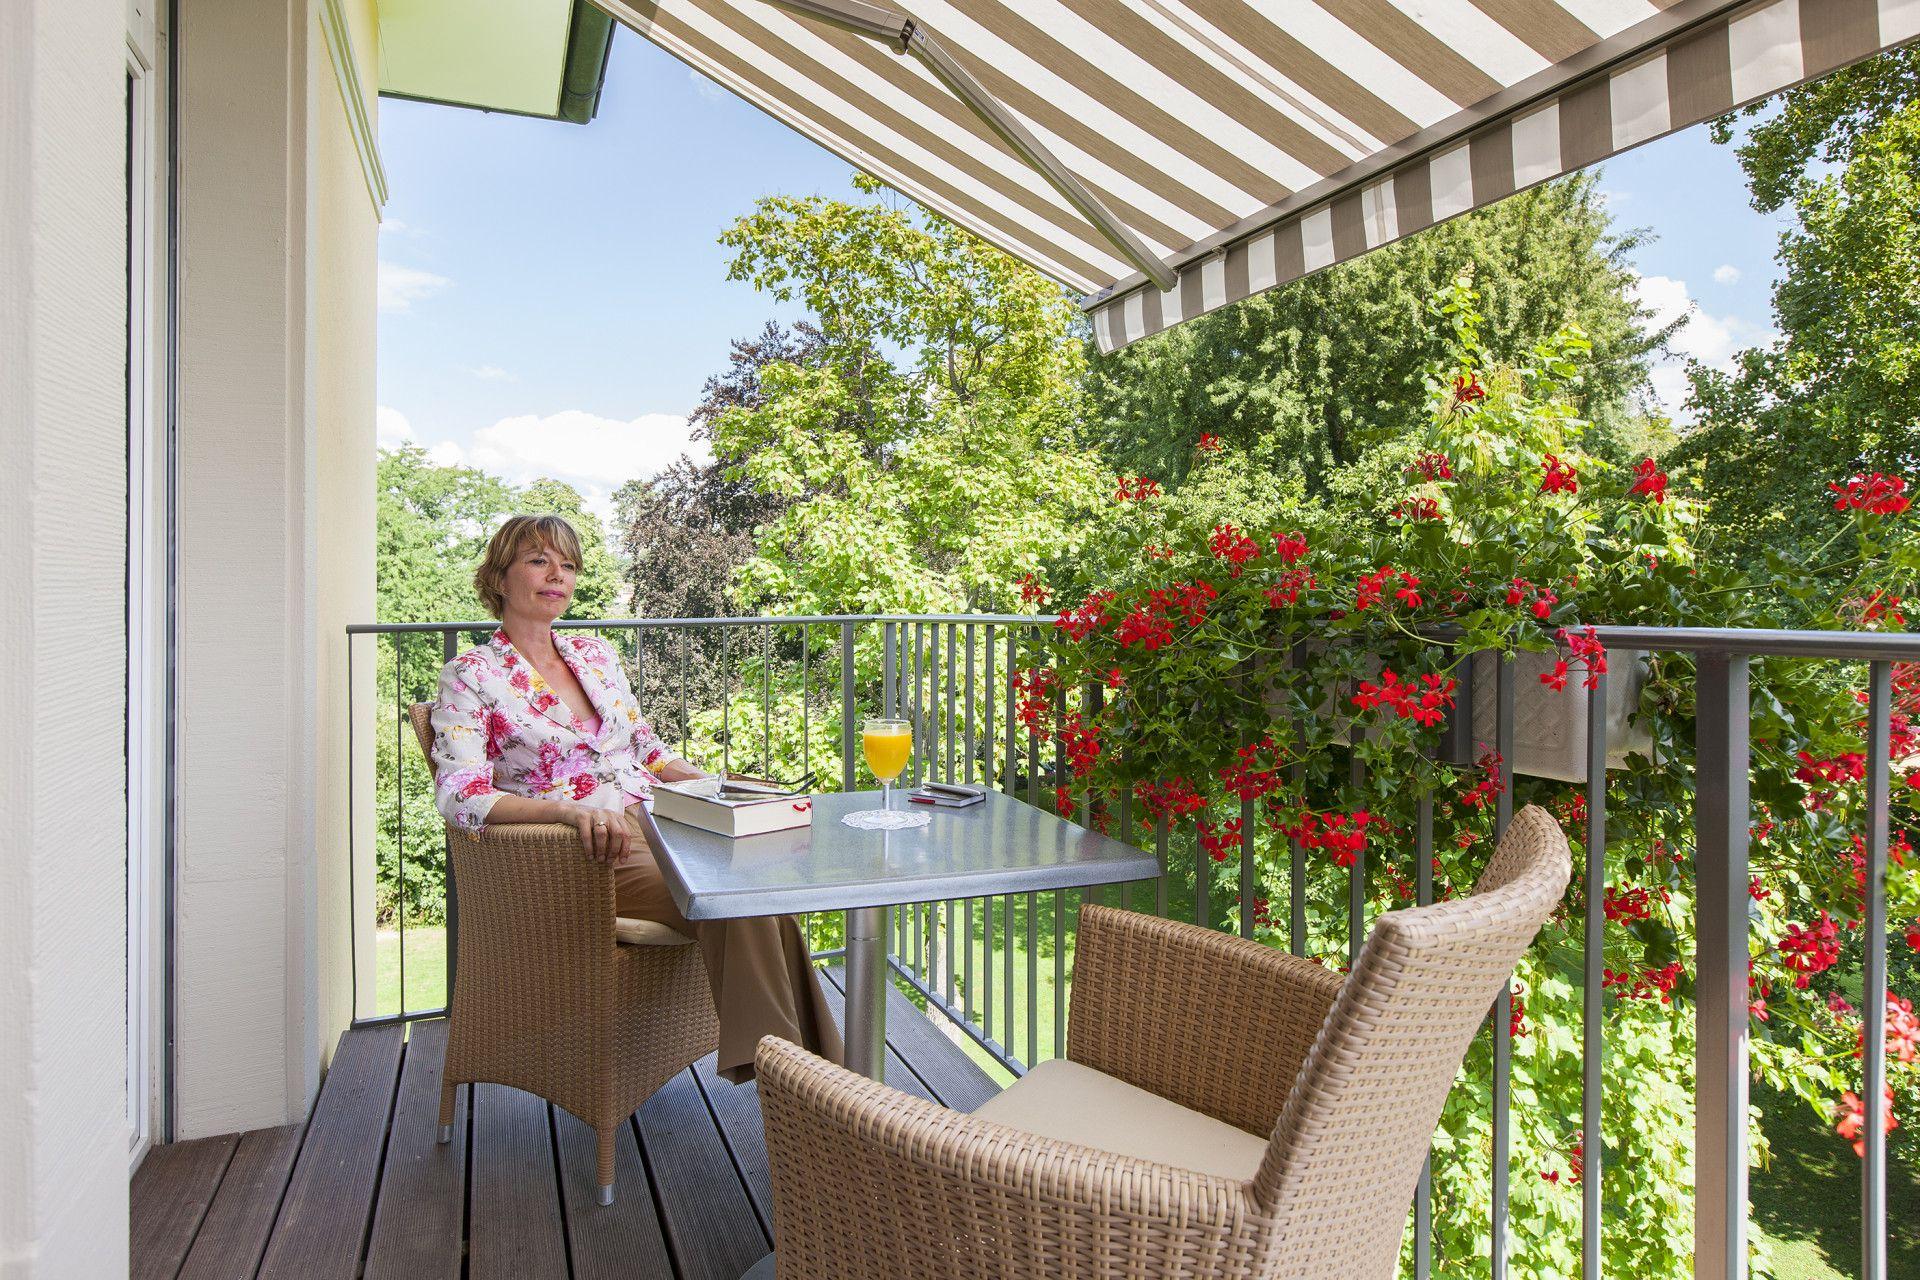 Frau sitzt auf Balkon und geniesst sommerlichen Park-Blick